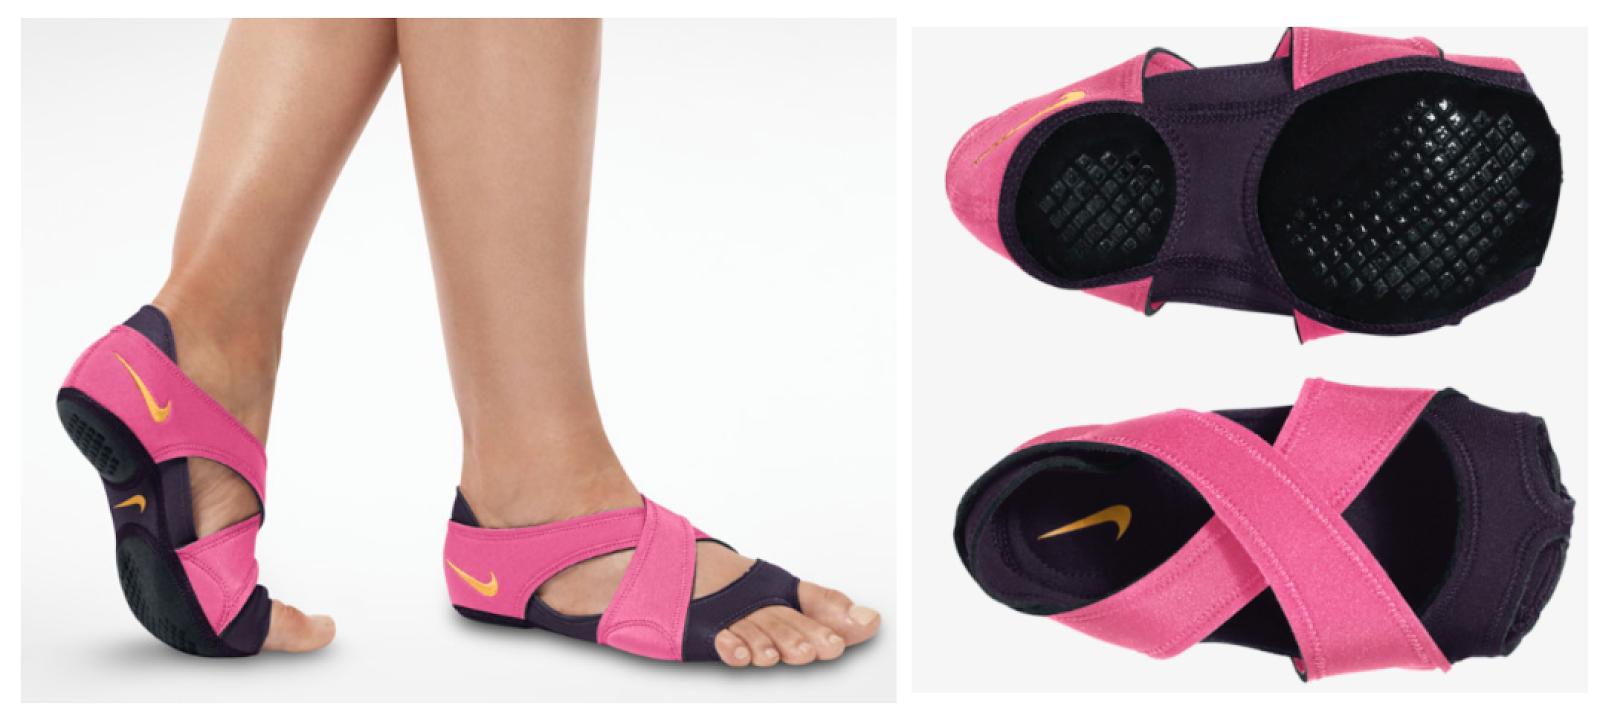 Ladies Shoes Online Wholesale